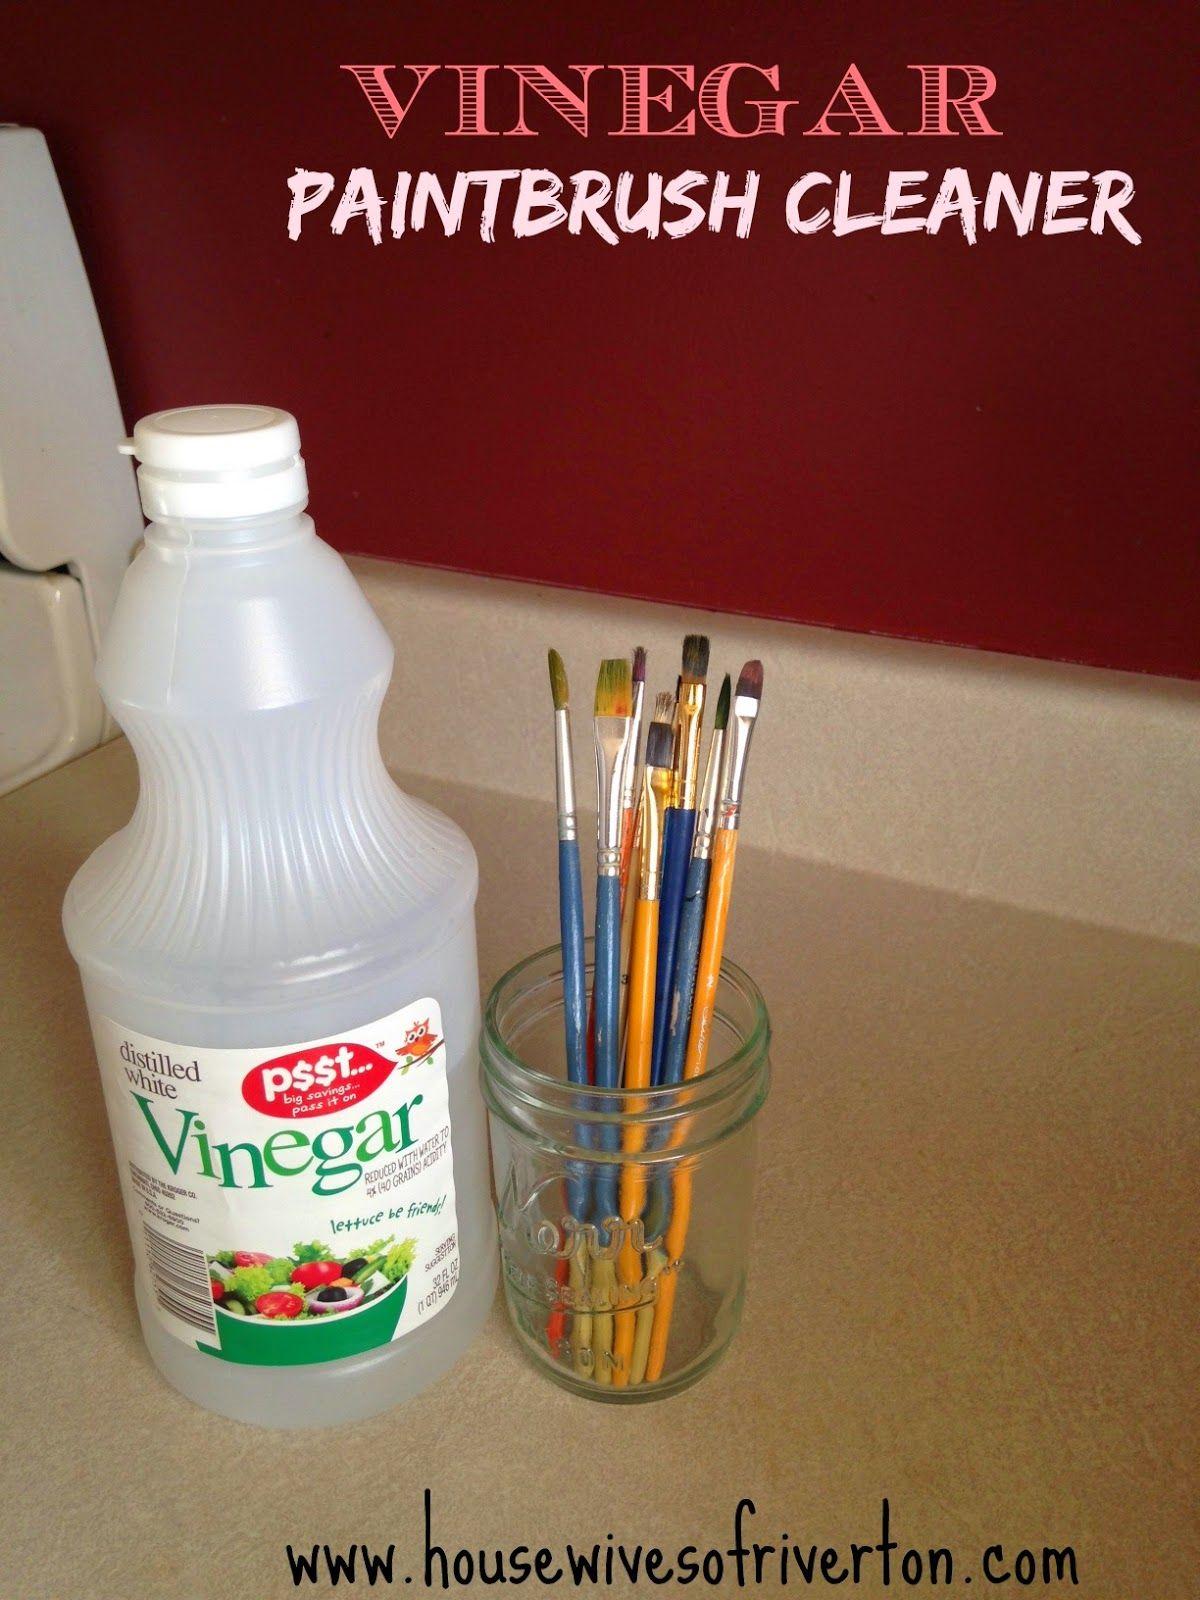 Vinegar Paintbrush Cleaner